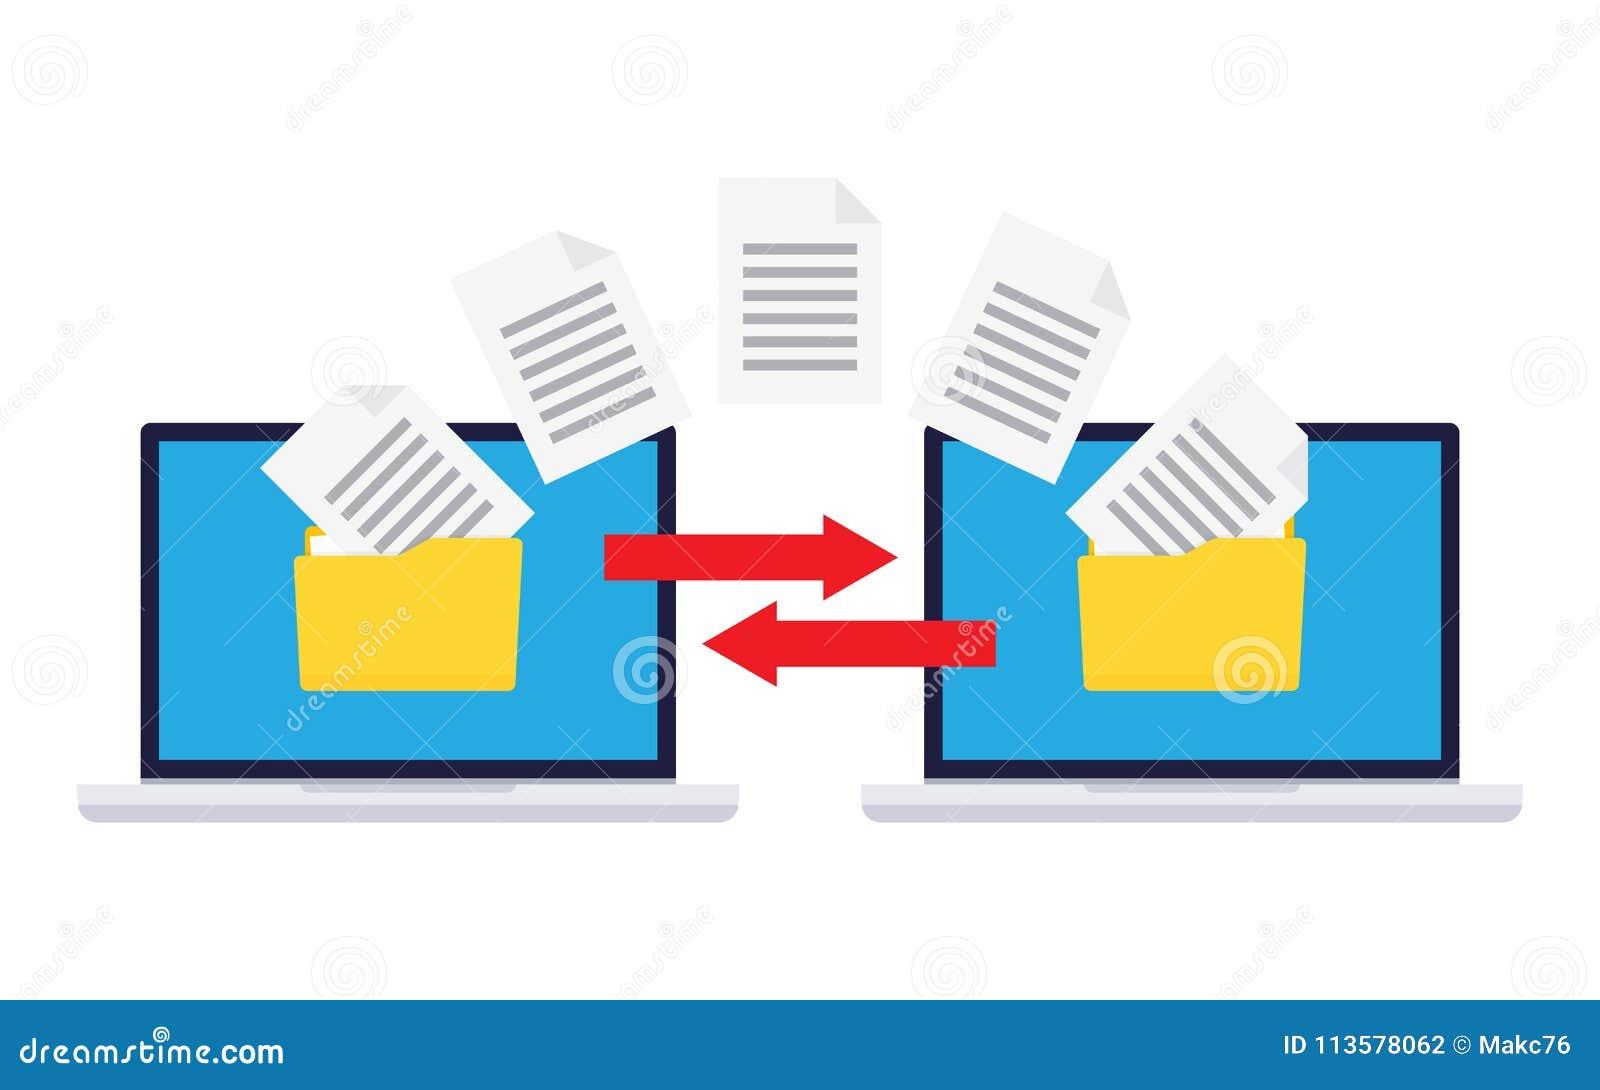 Information Exchange Between Computers. Stock Vector - Illustration